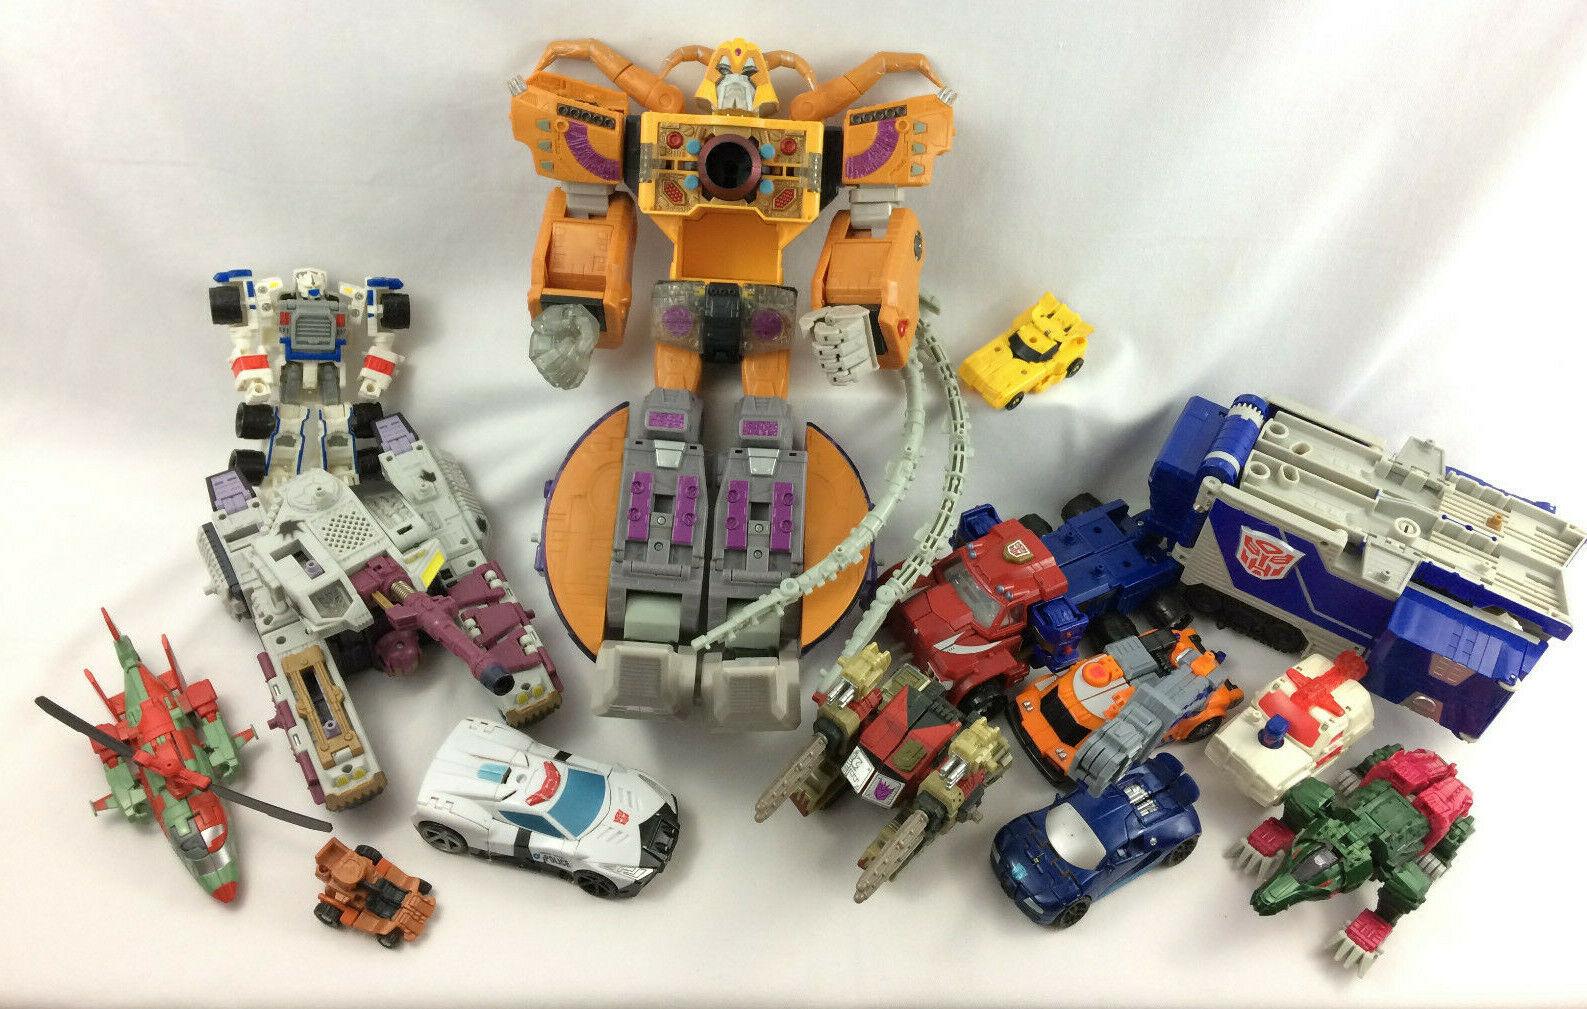 13 unidad Transformers Lote de juguetes, muchos de Armada, Unicron, Optimus, Galvatron más